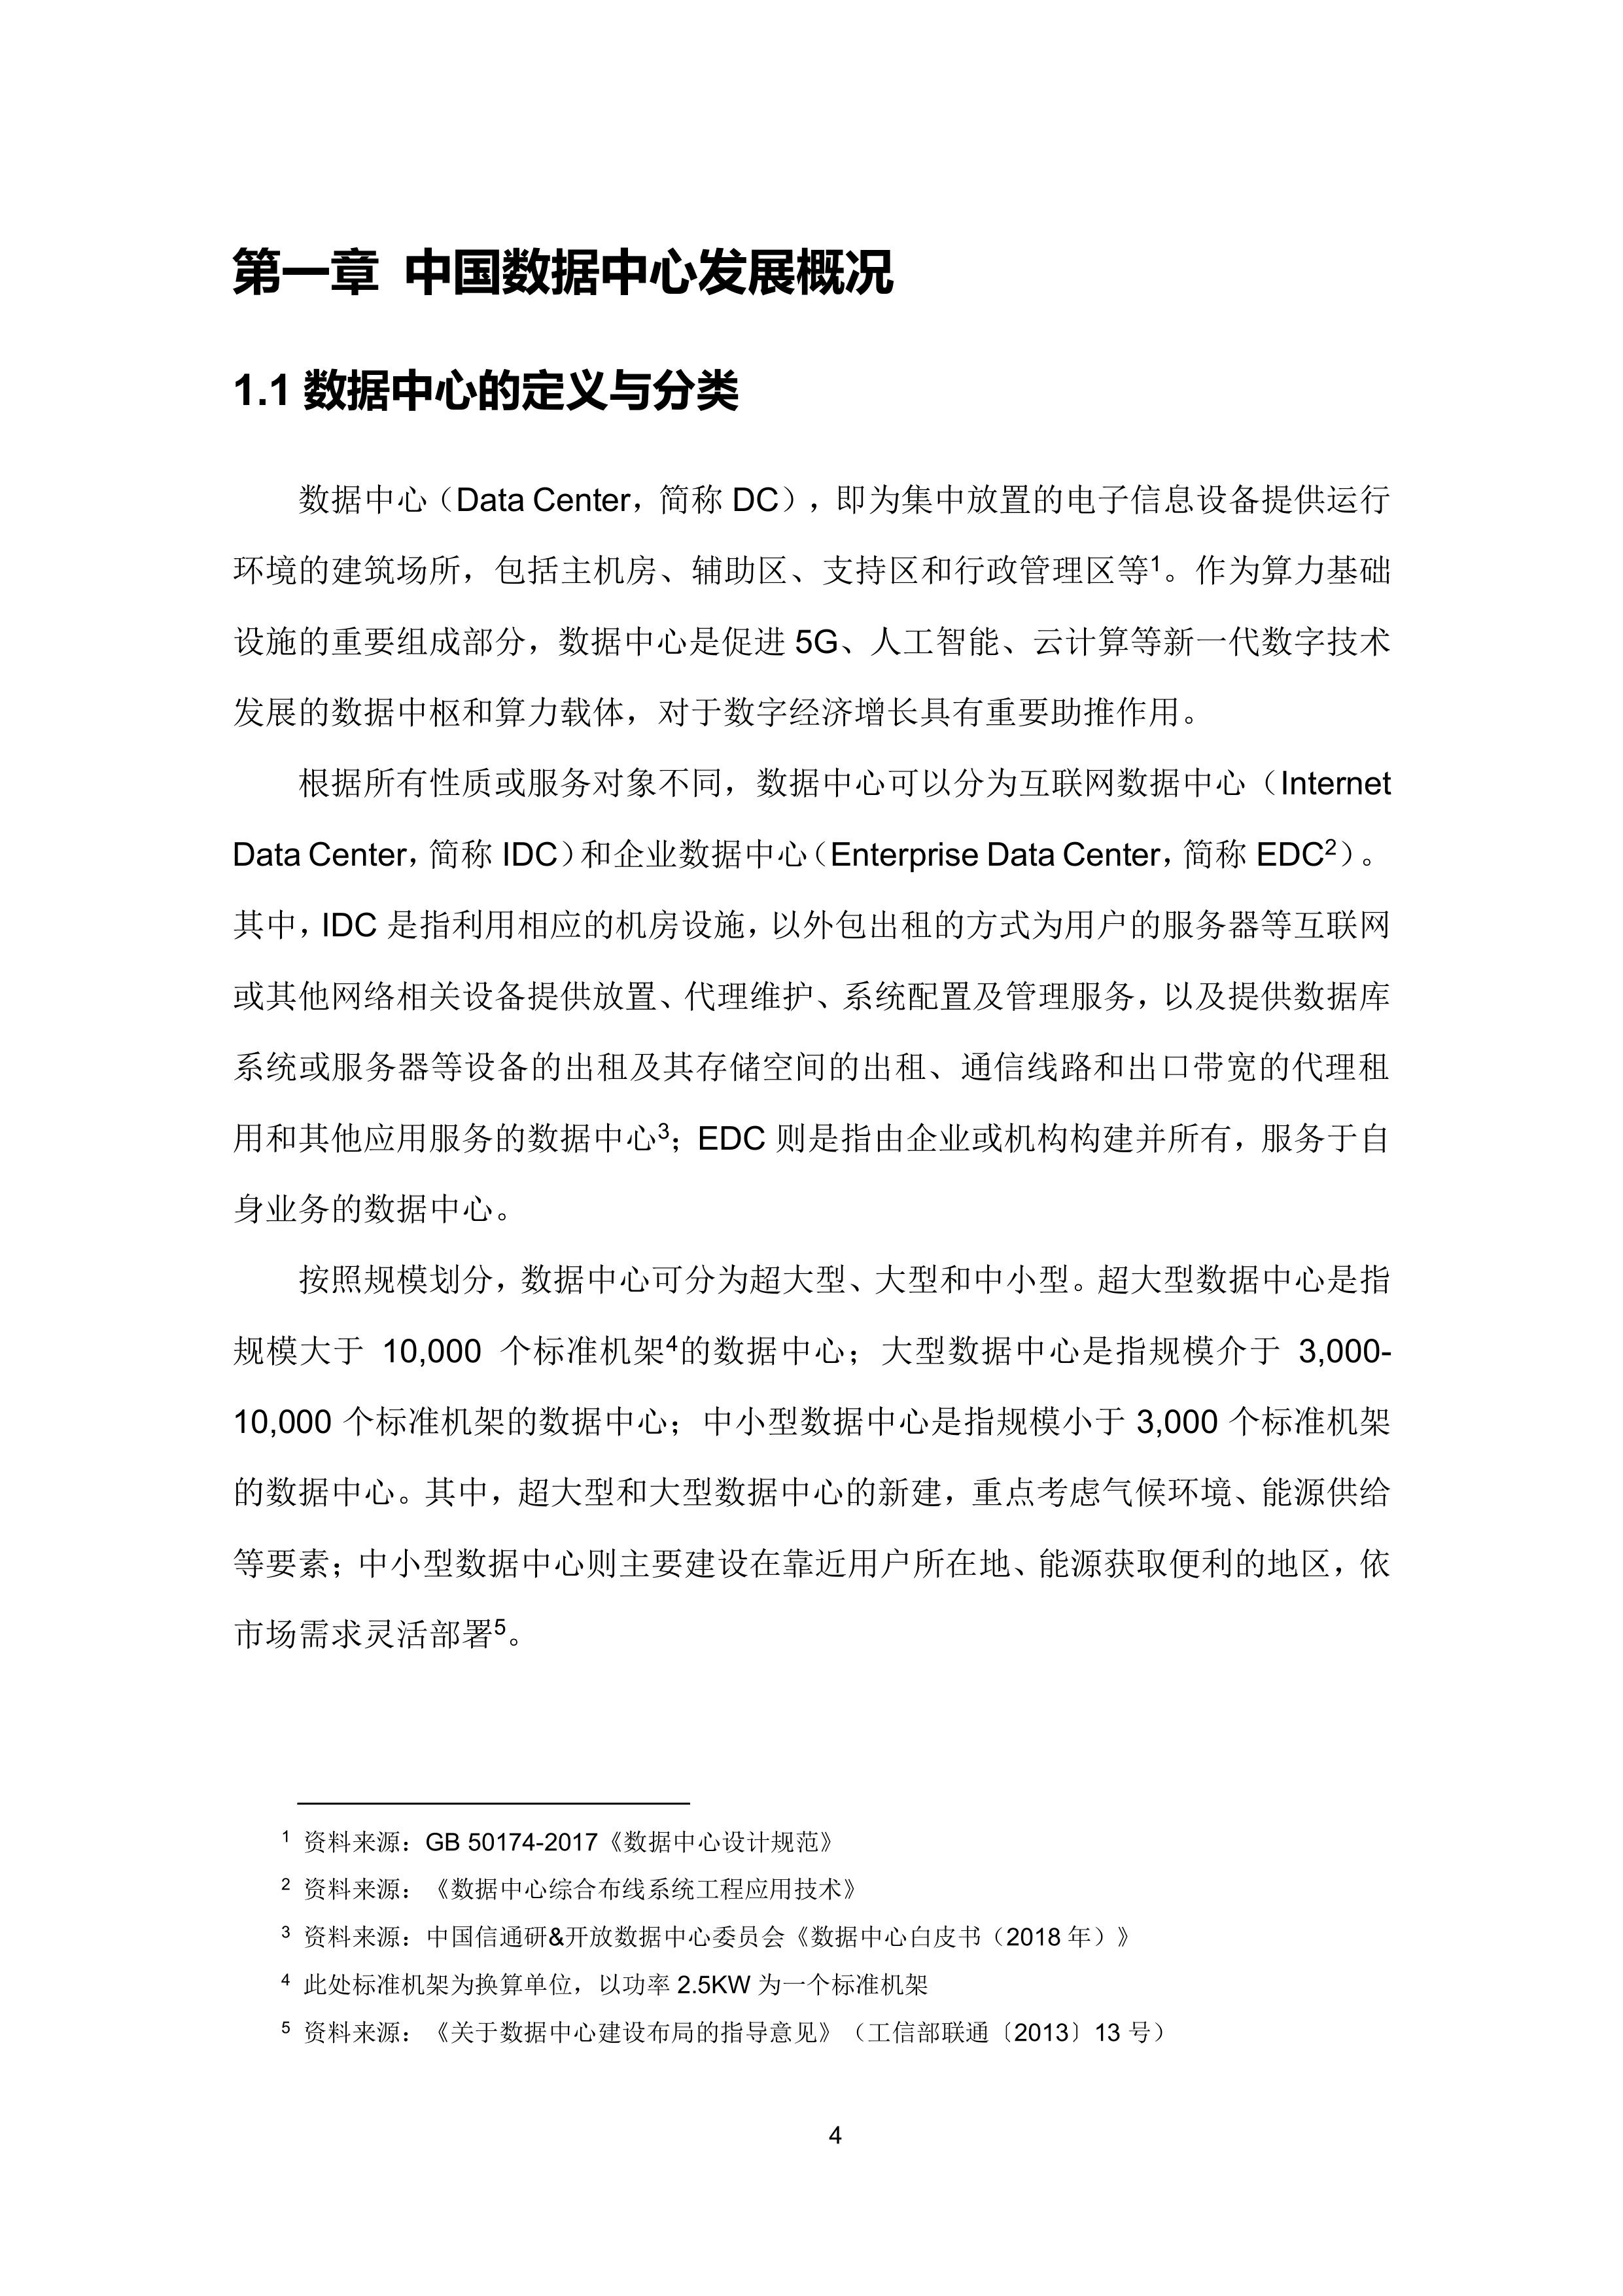 36氪研究院 - 新基建系列之:2020年中国城市数据中心发展指数报告-大菠萝官网(图15)